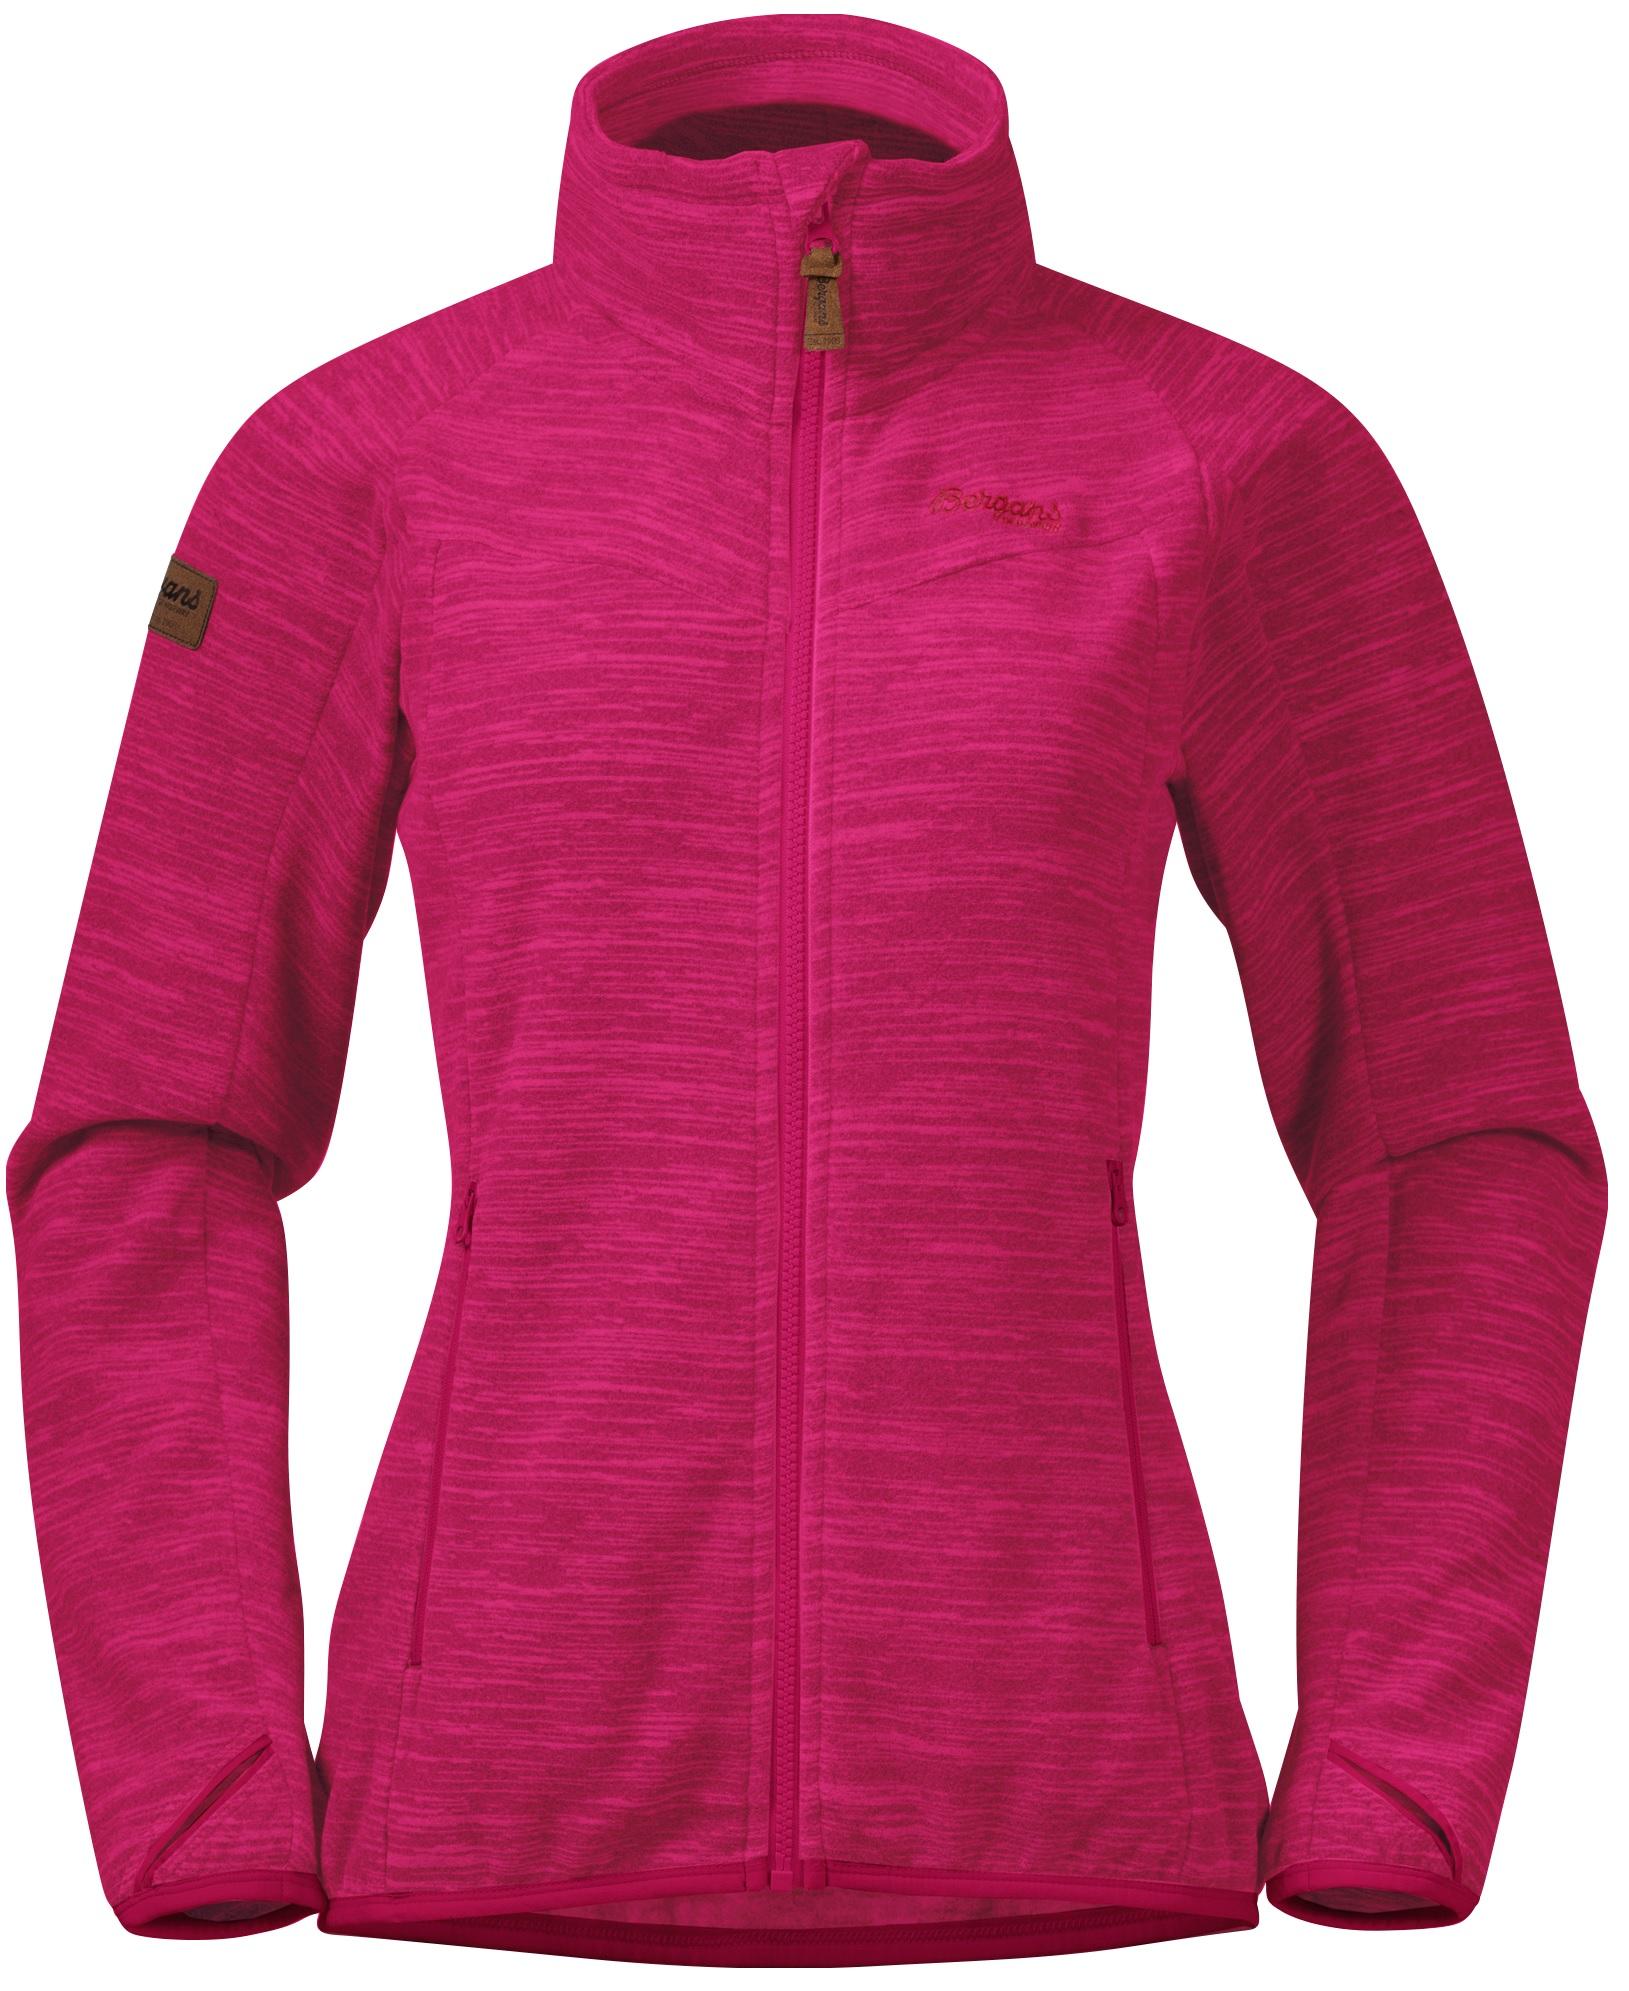 Куртка женская флисовая HAREID NOHOOD Bergans — фото 1